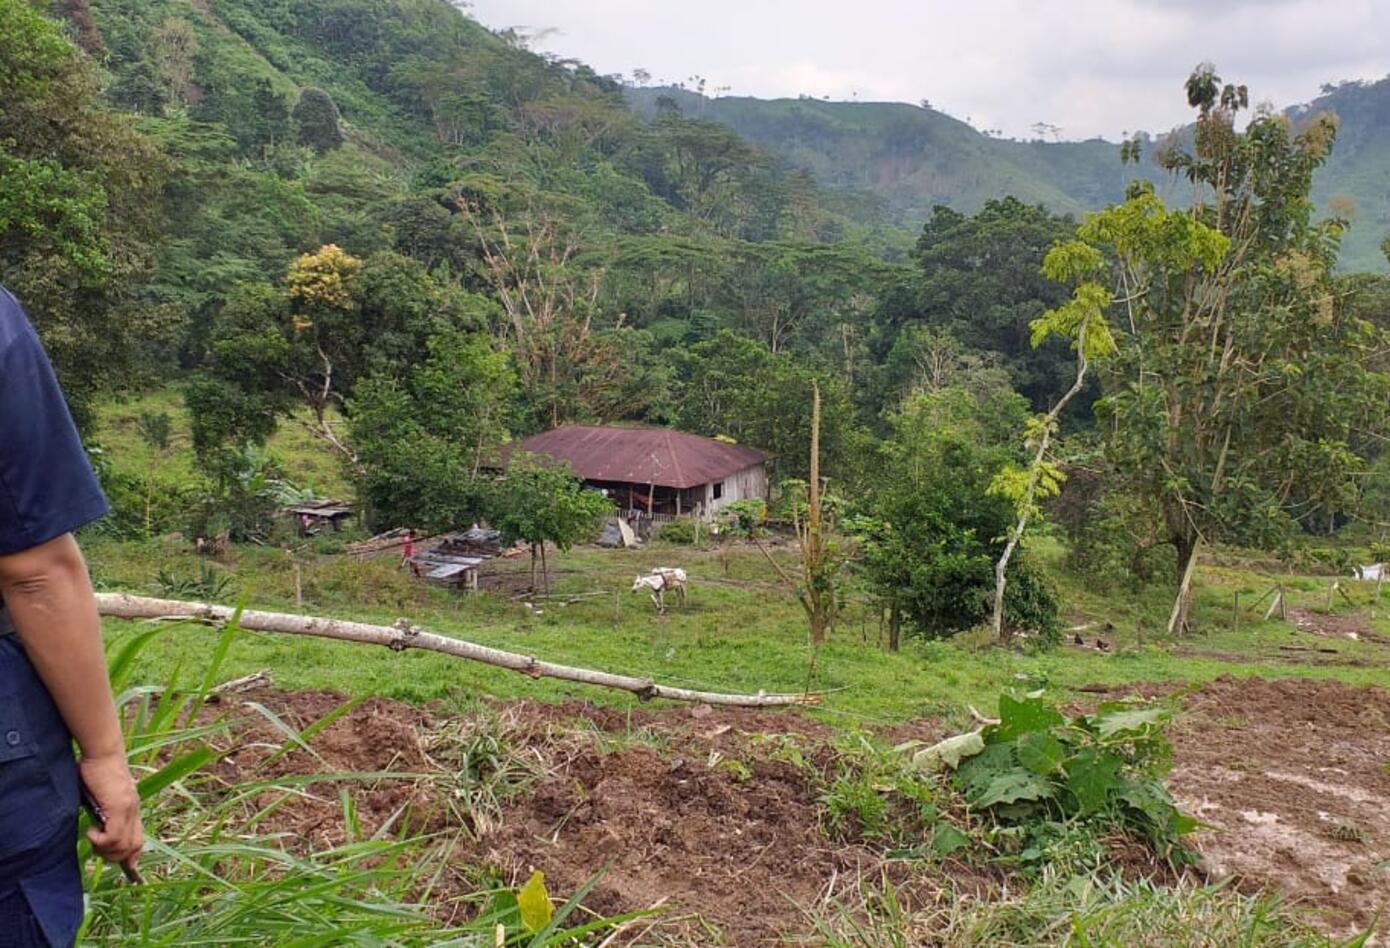 El Cuerpo de Bomberos Voluntarios de Otanche, han atendido a la mayoría de afectados, hay algunas zonas a las que no han podido llegar por el mal estado de las vías.